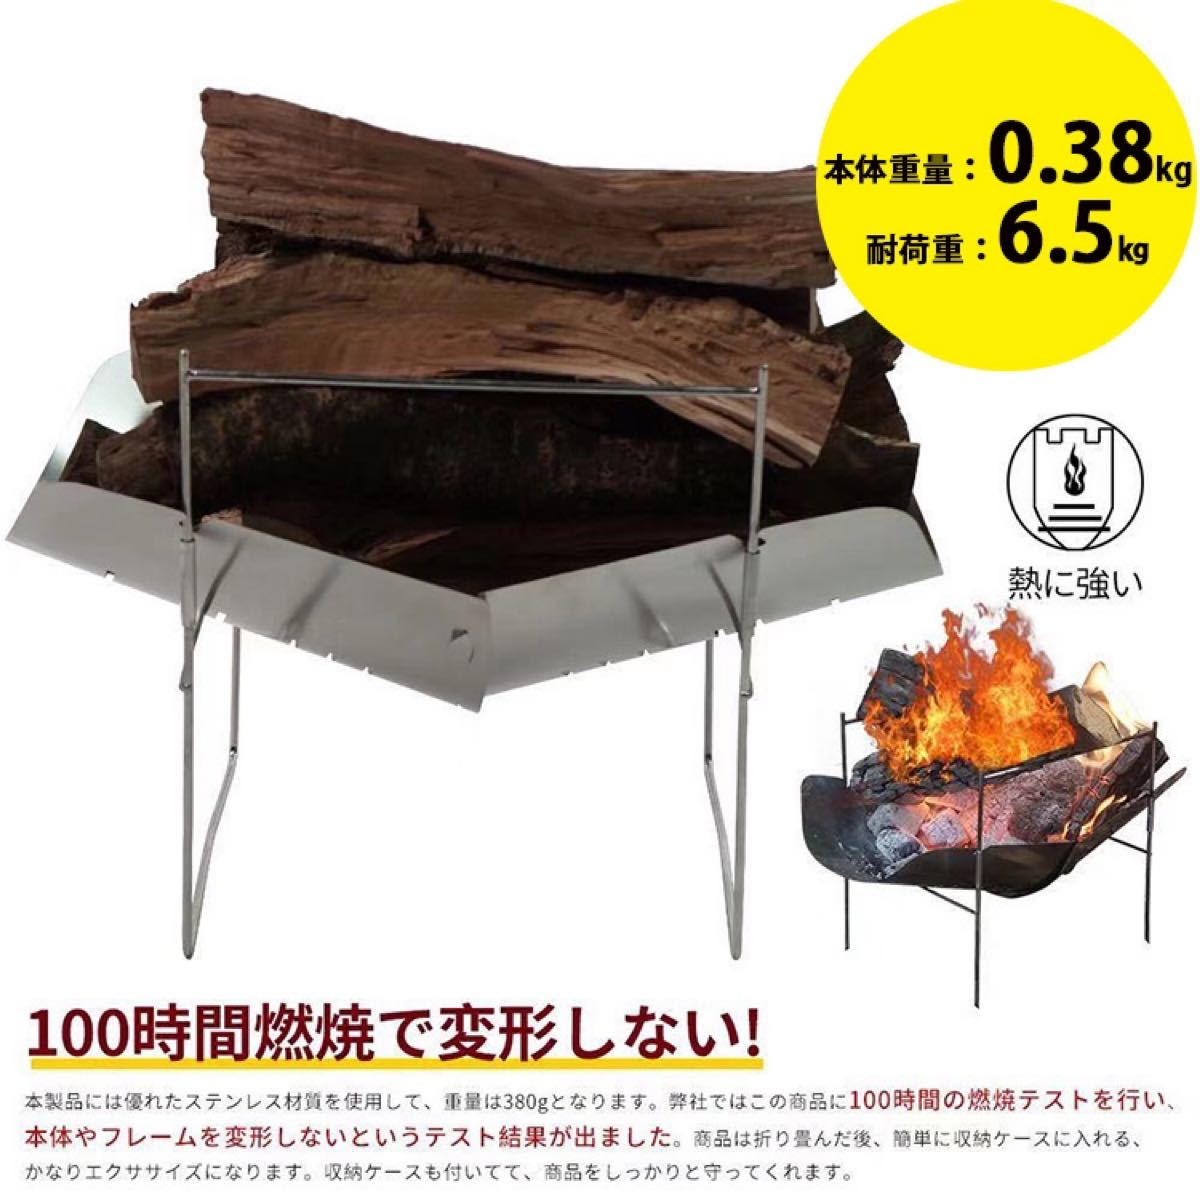 焚き火台 焚火台 バーベキューコンロ ソロキャン アウトドア キャンプ用品